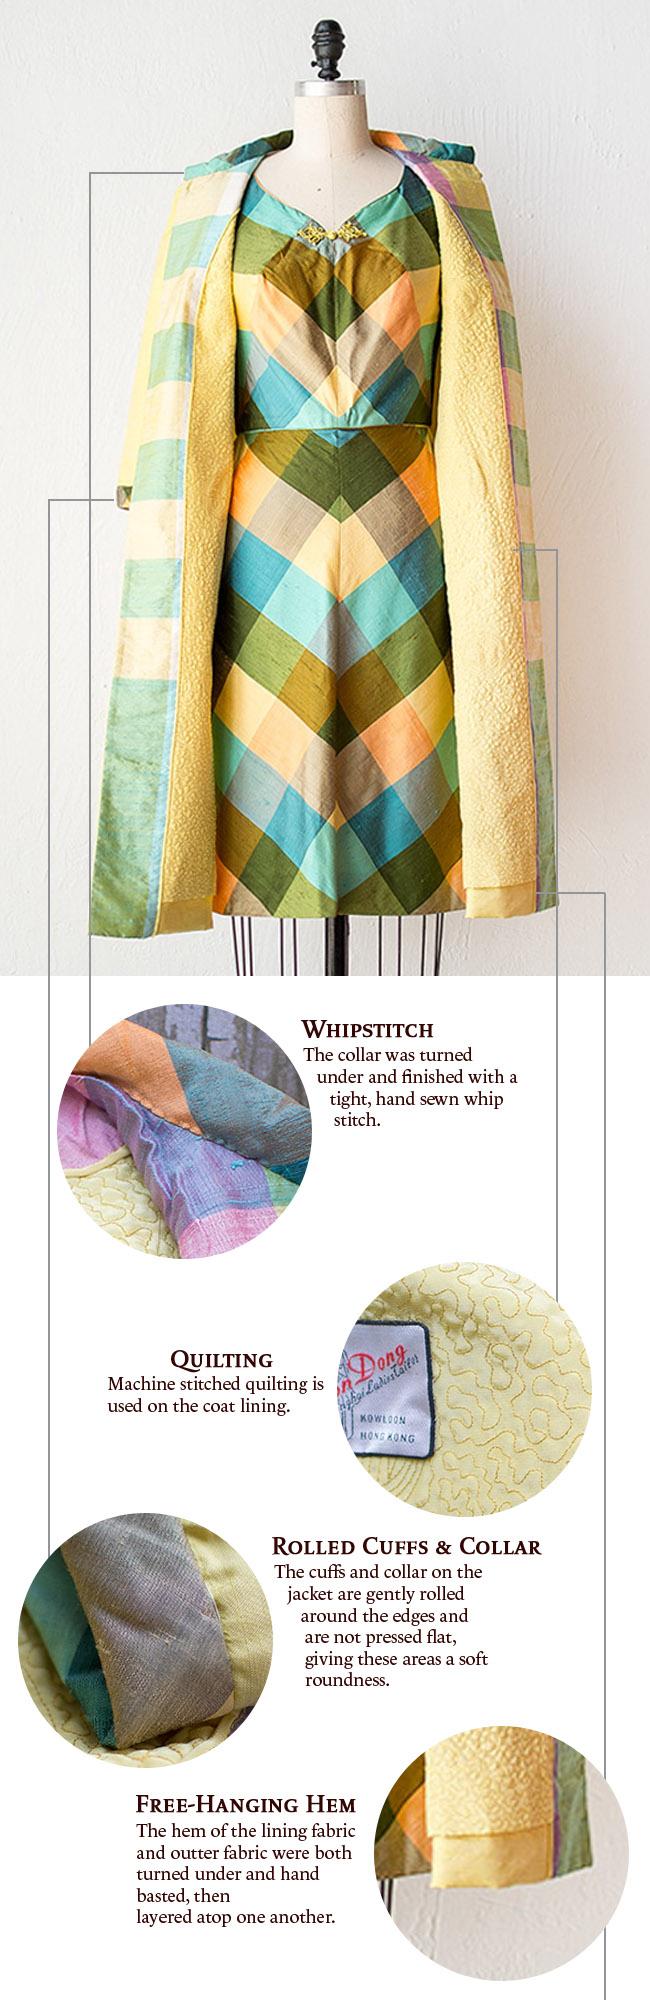 silk-plaid-construction-details-coat